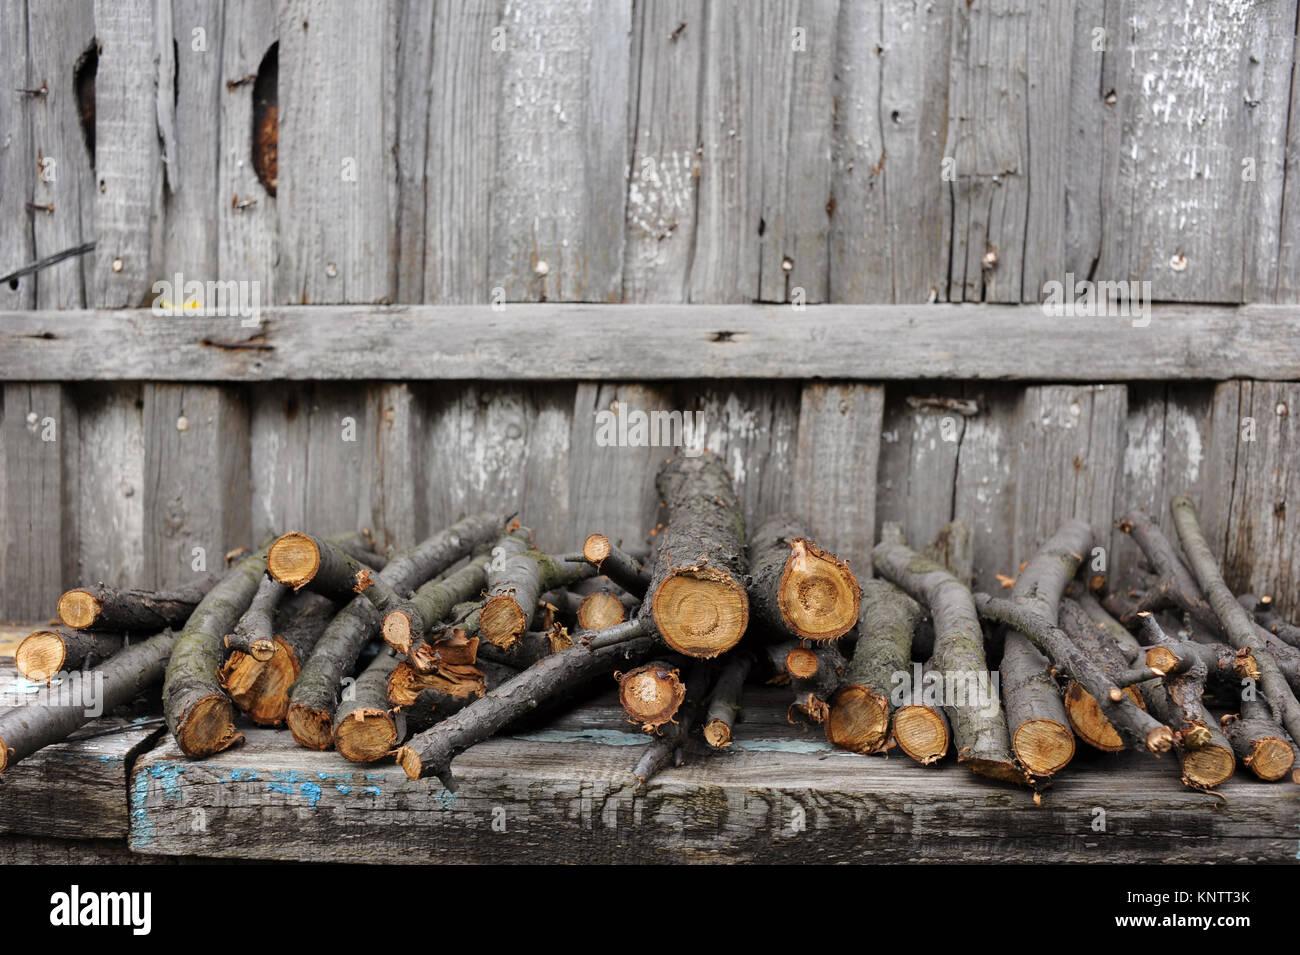 Decorazioni In Legno Per Pareti : Modello di botte di legno classico listone parete sfondo texture